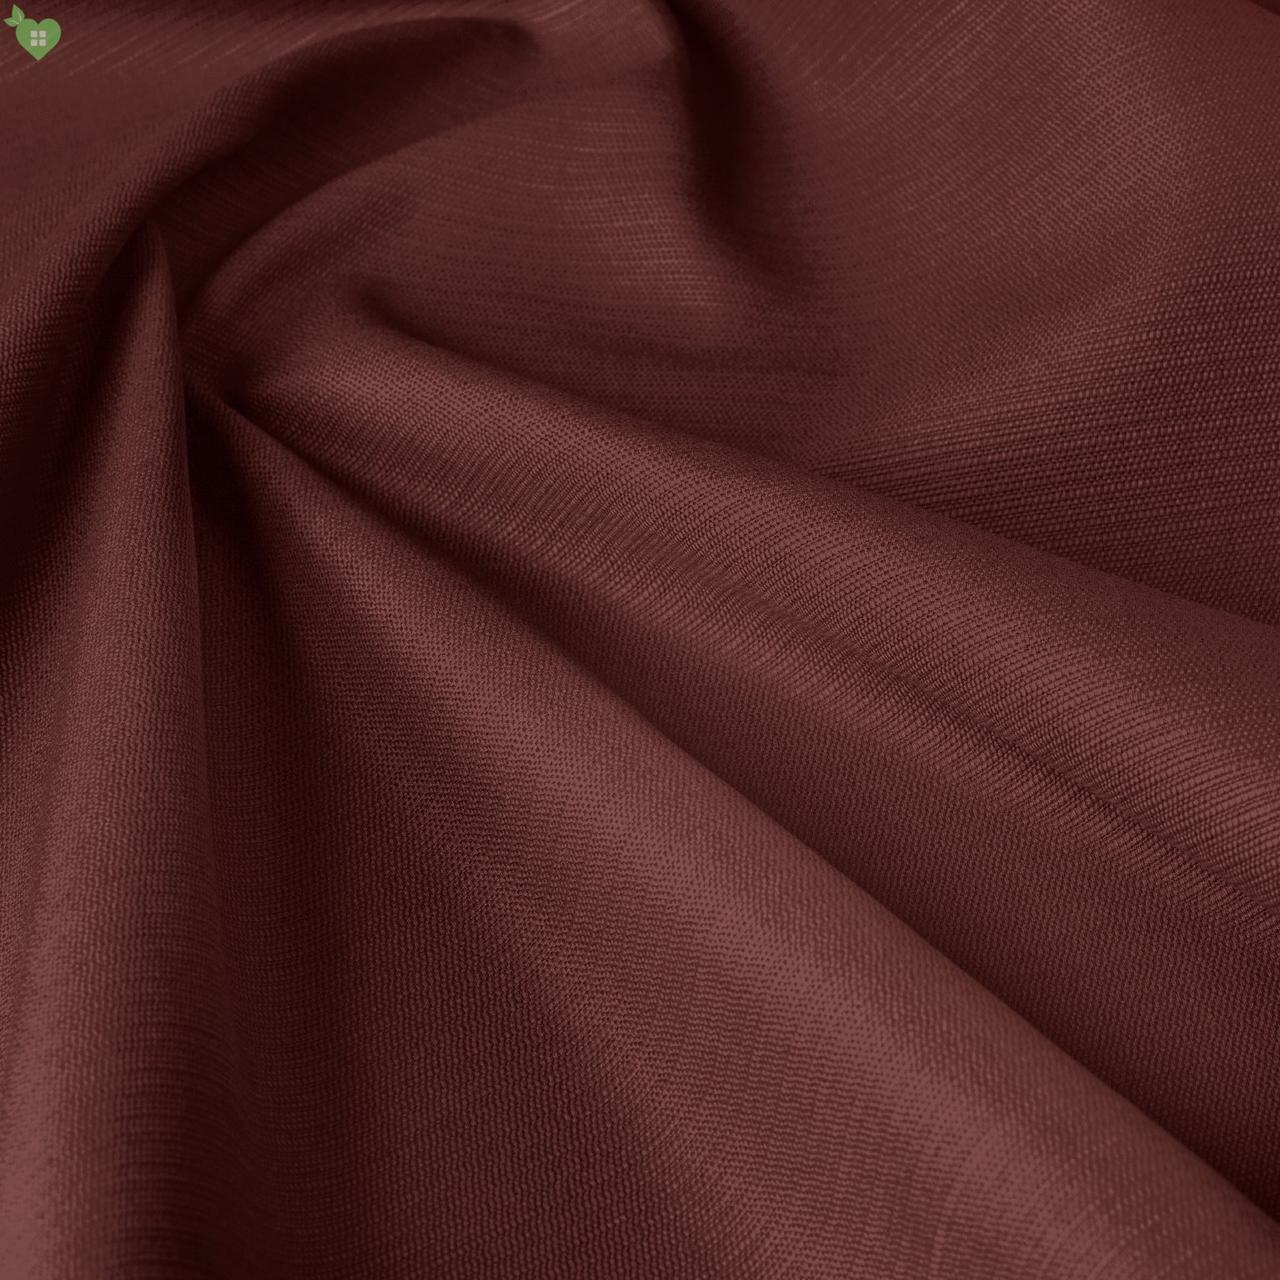 Уличная ткань фактурная 84320v9